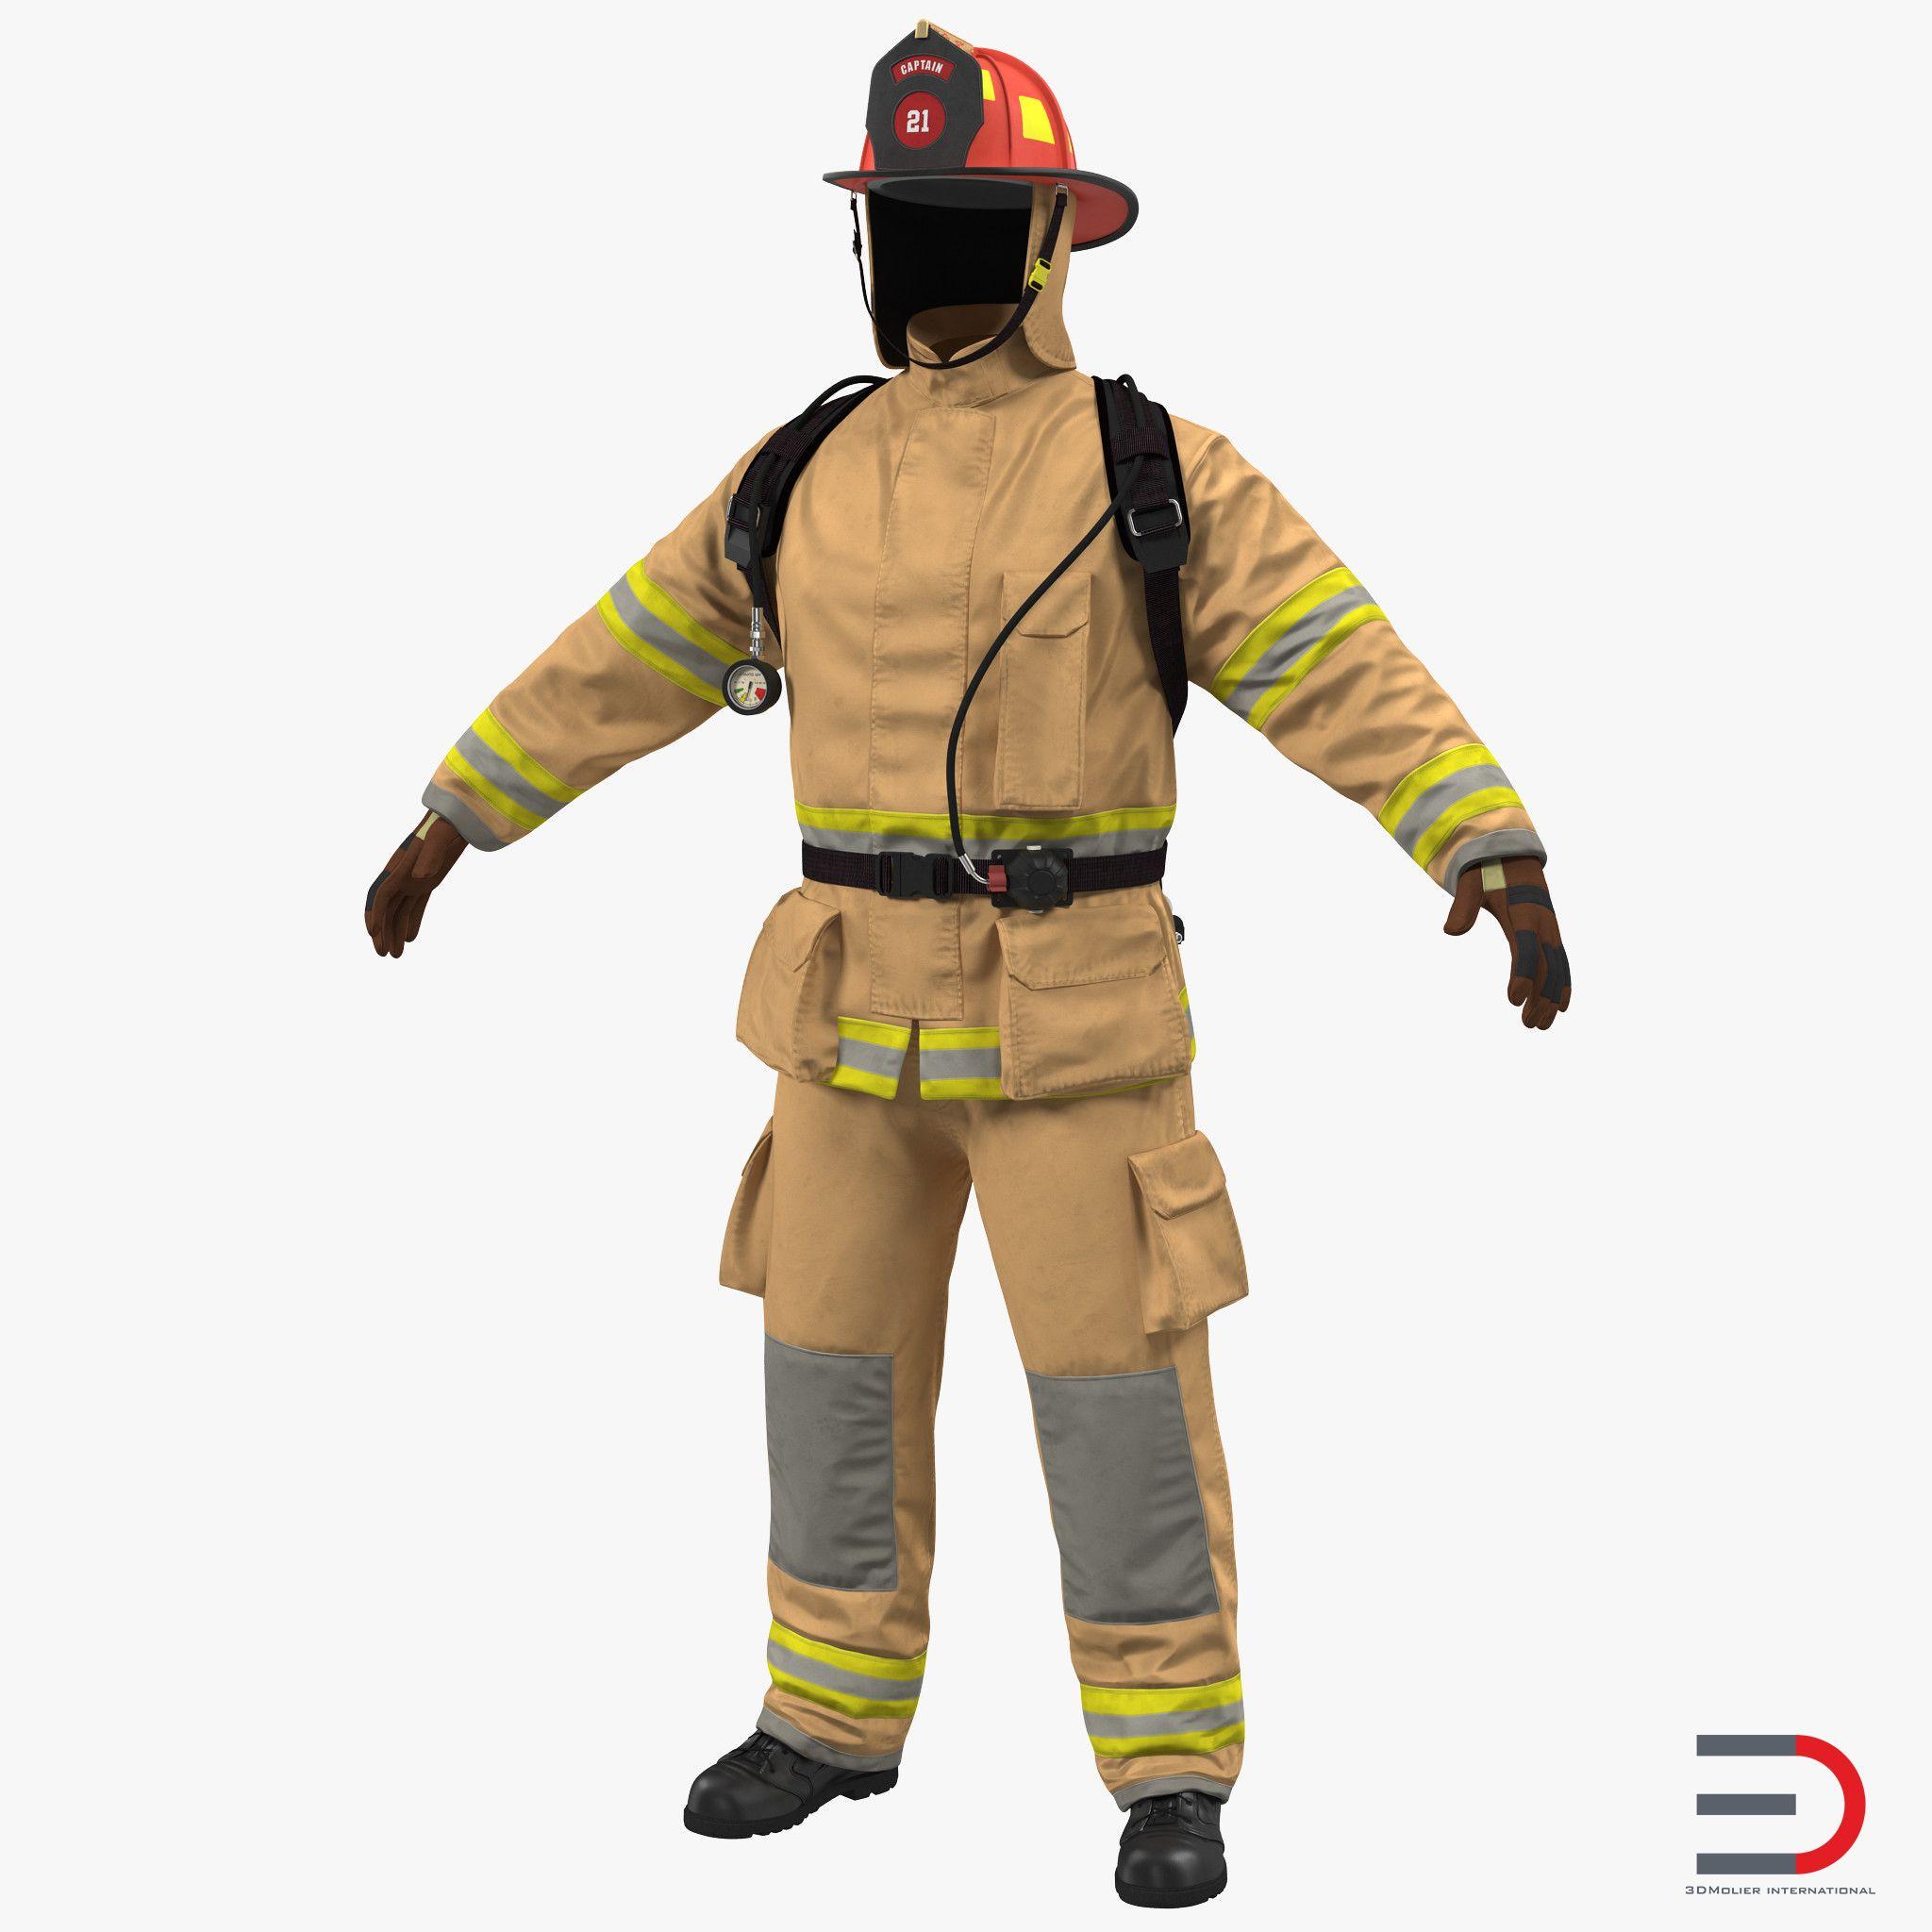 Firefighter Uniform 3d Firefighter Firefighter Drawing Uniform Reading street grade firefighter